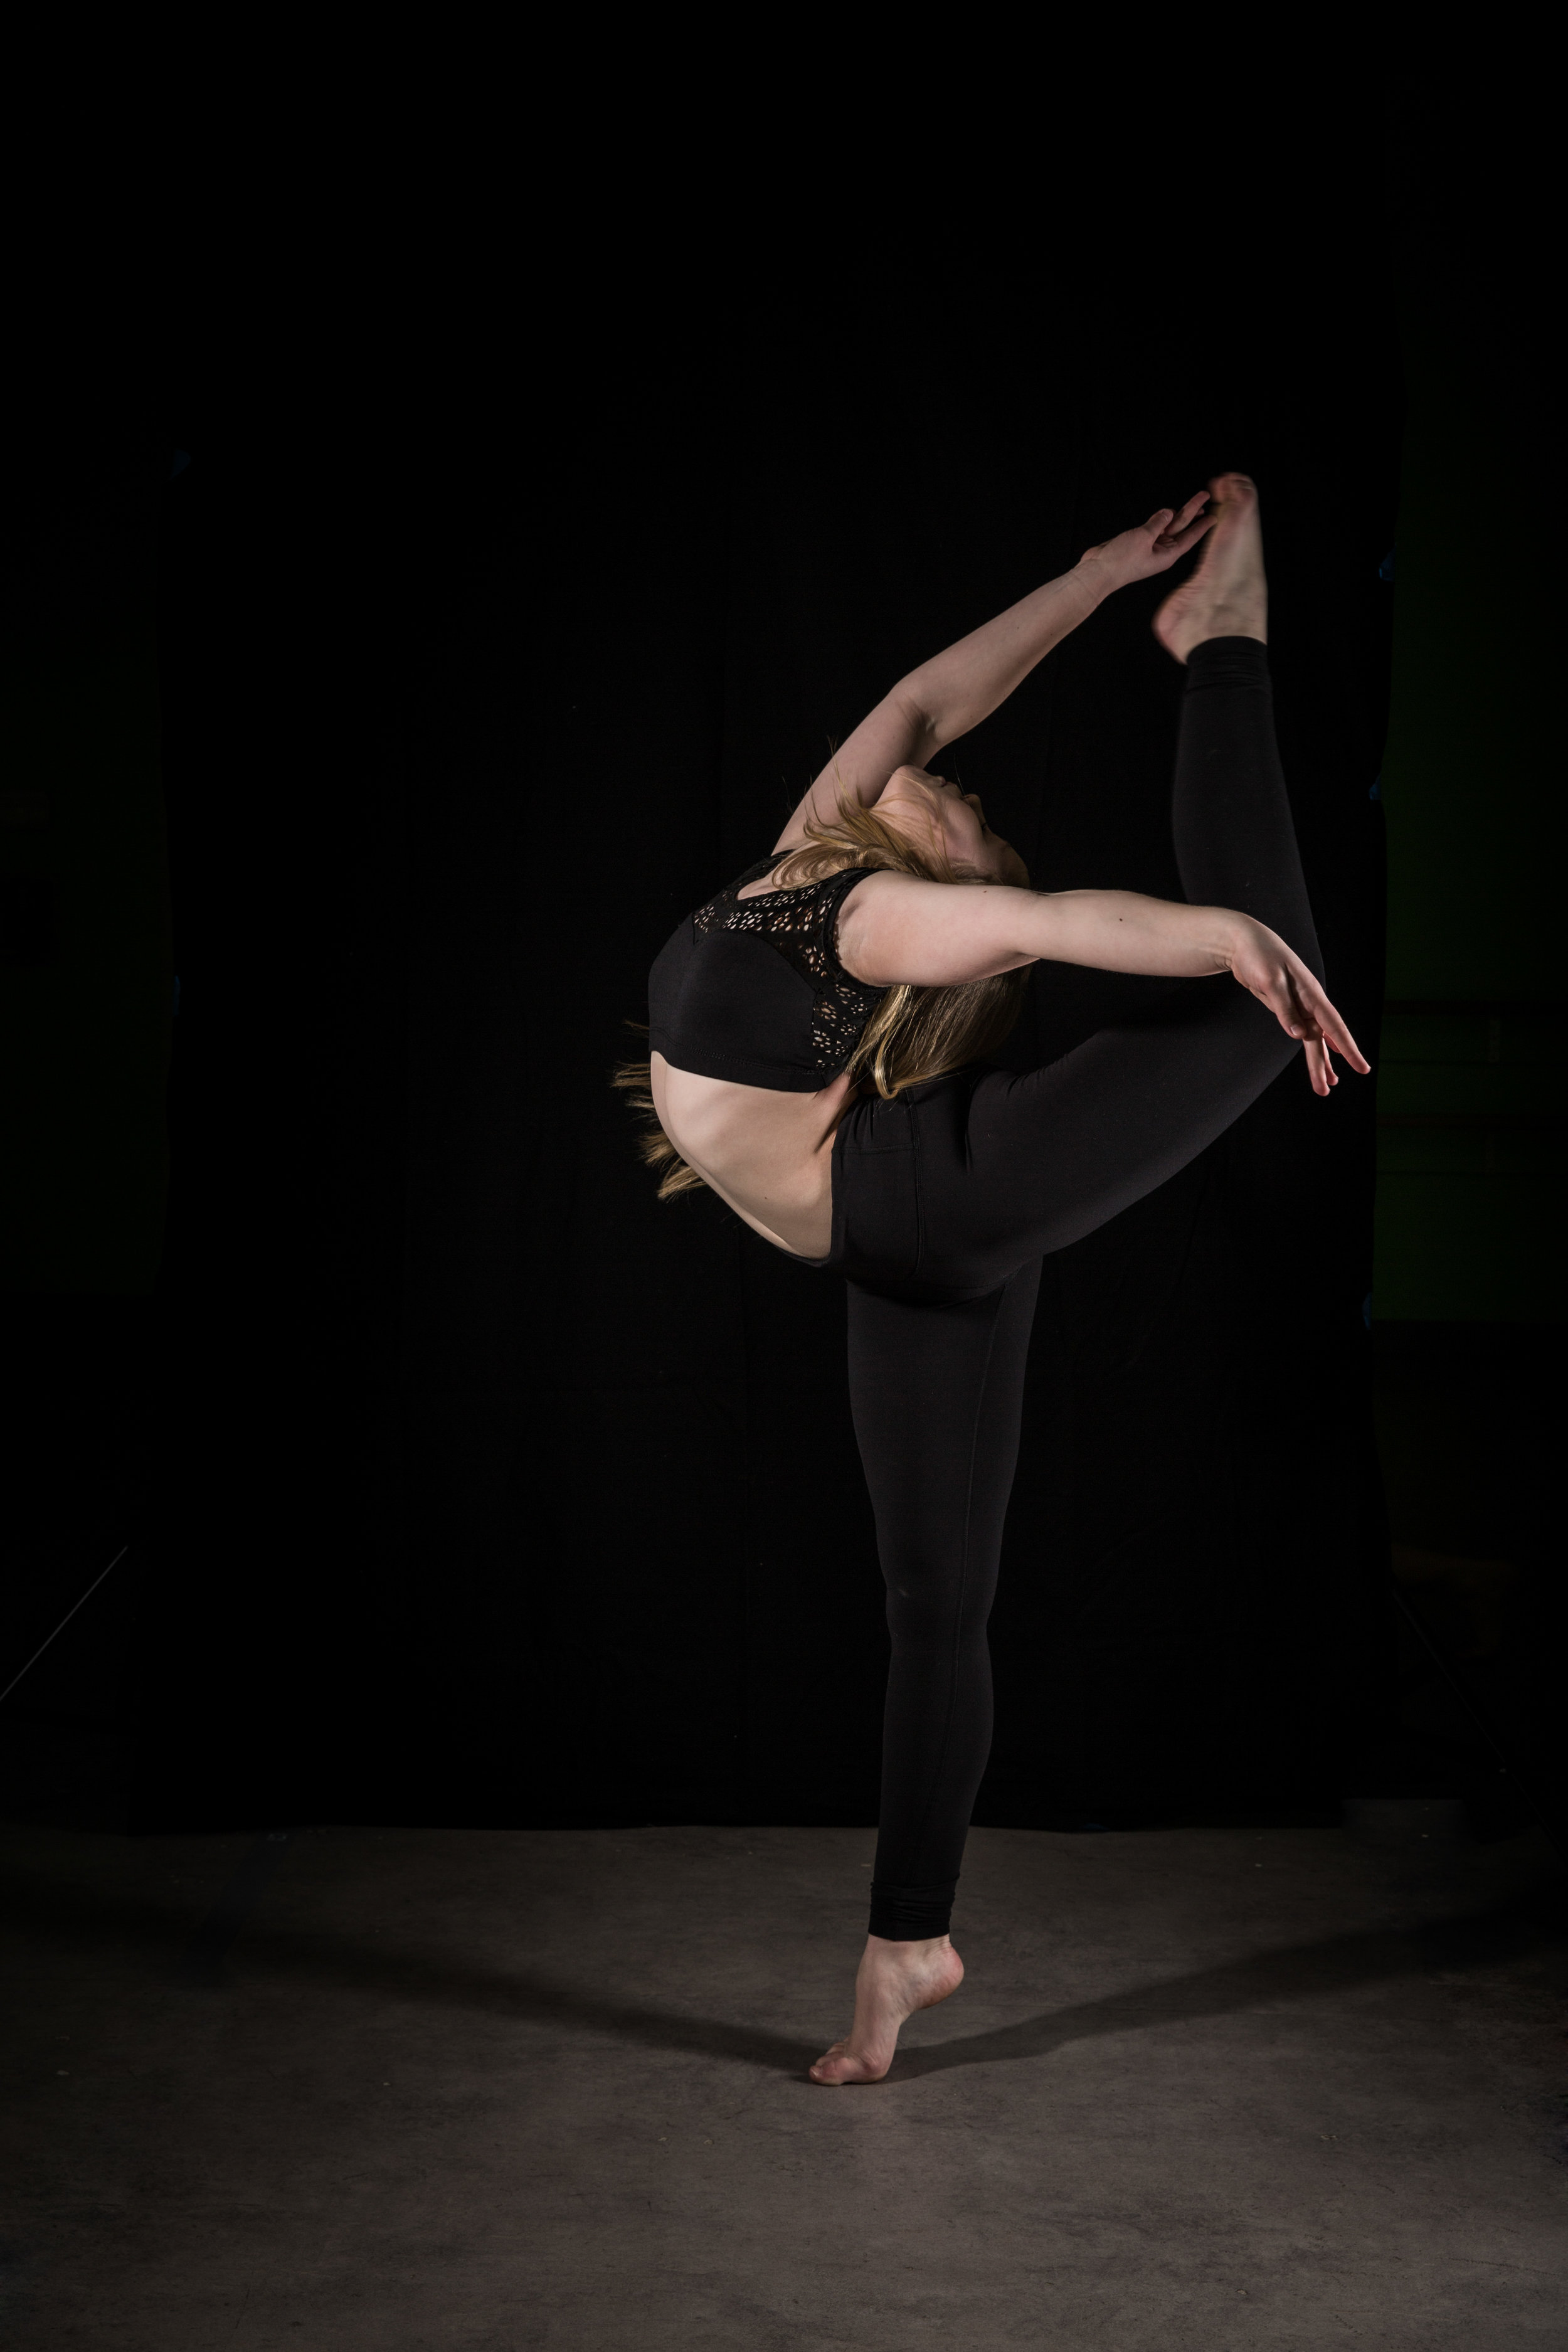 LR_Express_Dancer_Series-17.jpg